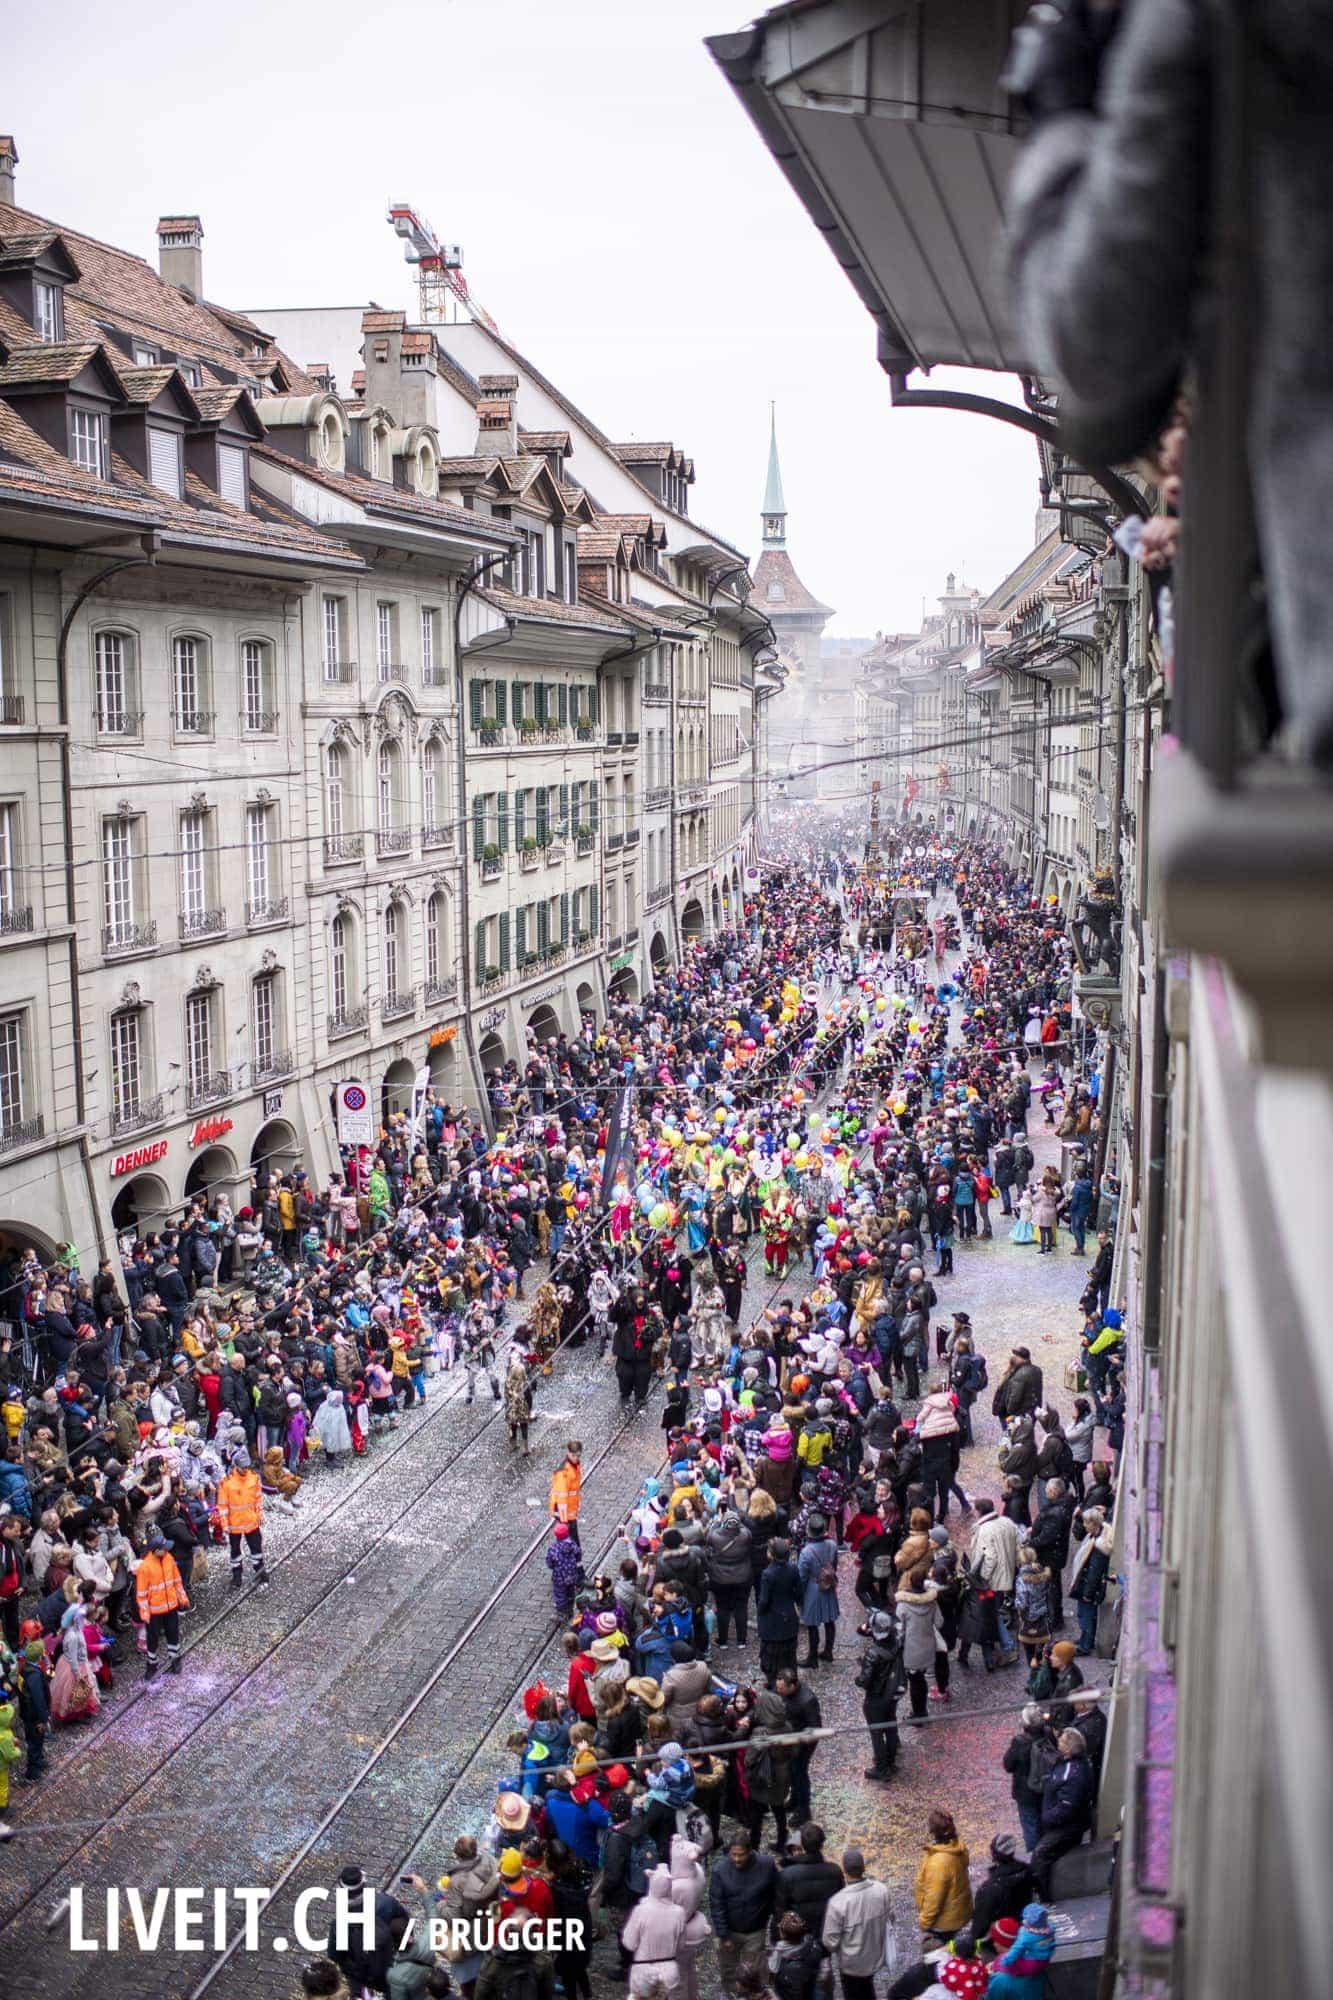 Impressionen der Berner Fasnacht vom Samstag, 09. März 2019 in der Marktgasse. (Fotografiert von Dominic Bruegger für  liveit.ch)